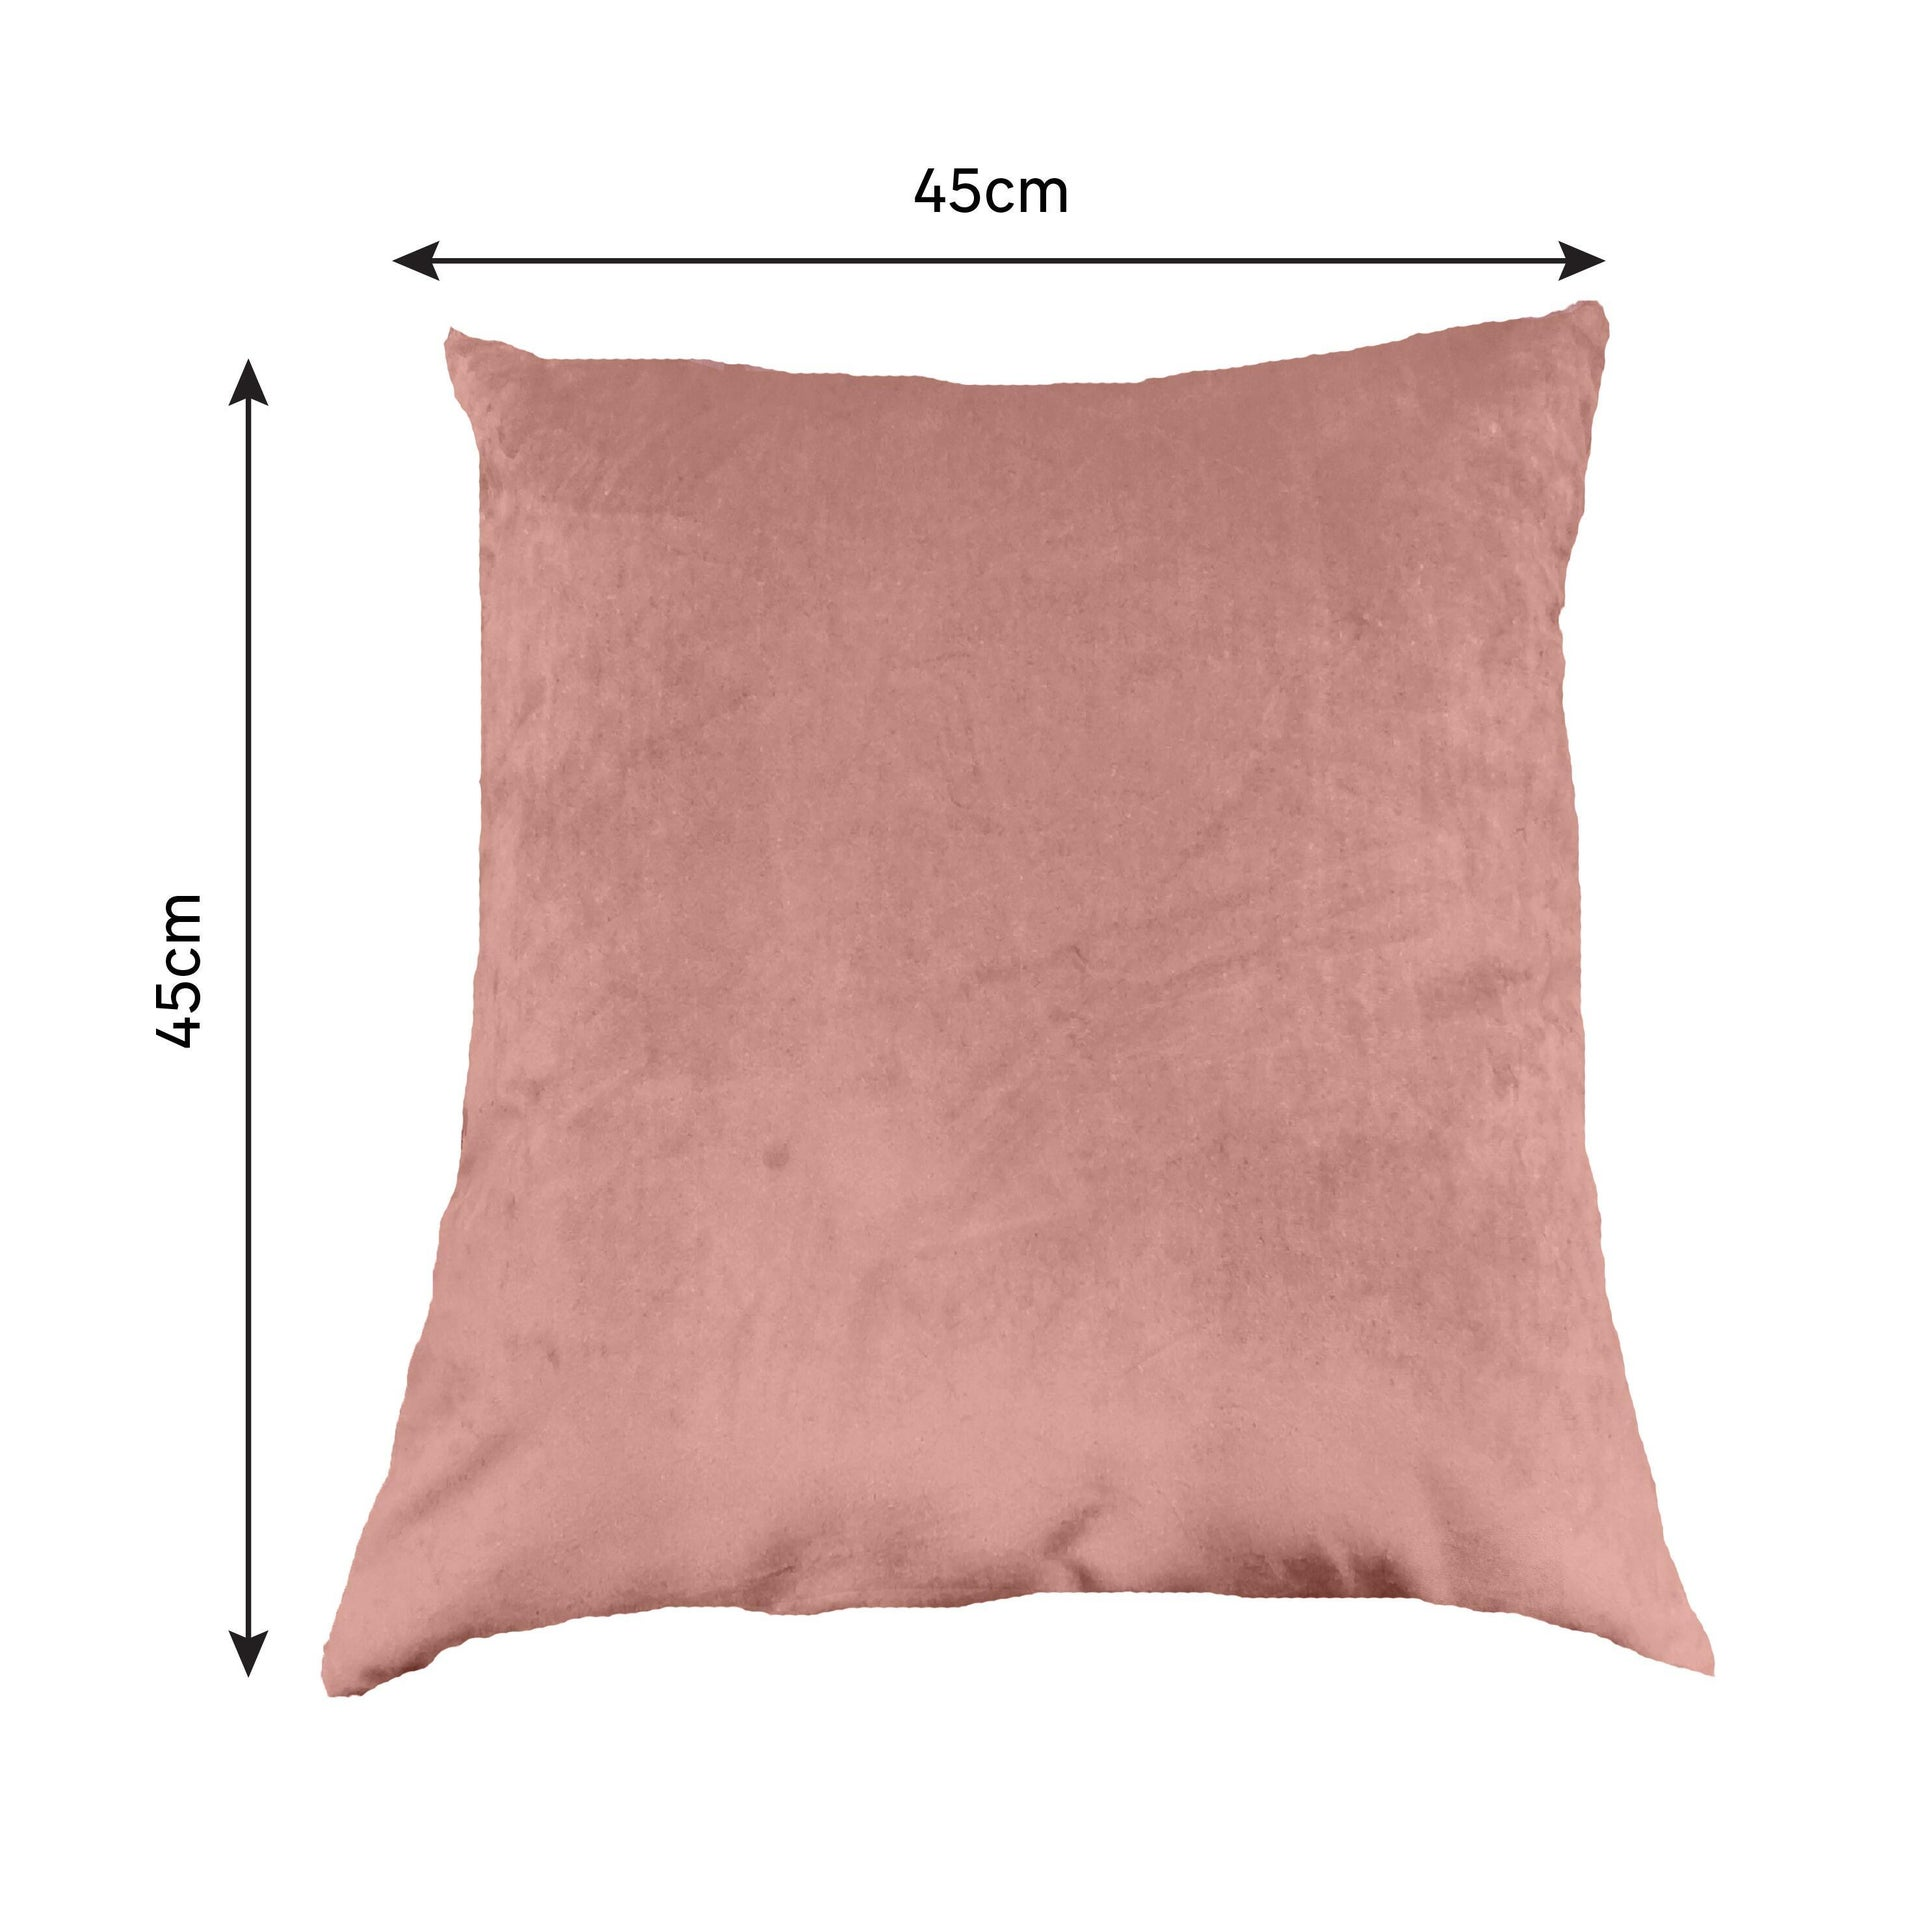 Cuscino INSPIRE Tony rosa 45x45 cm - 5